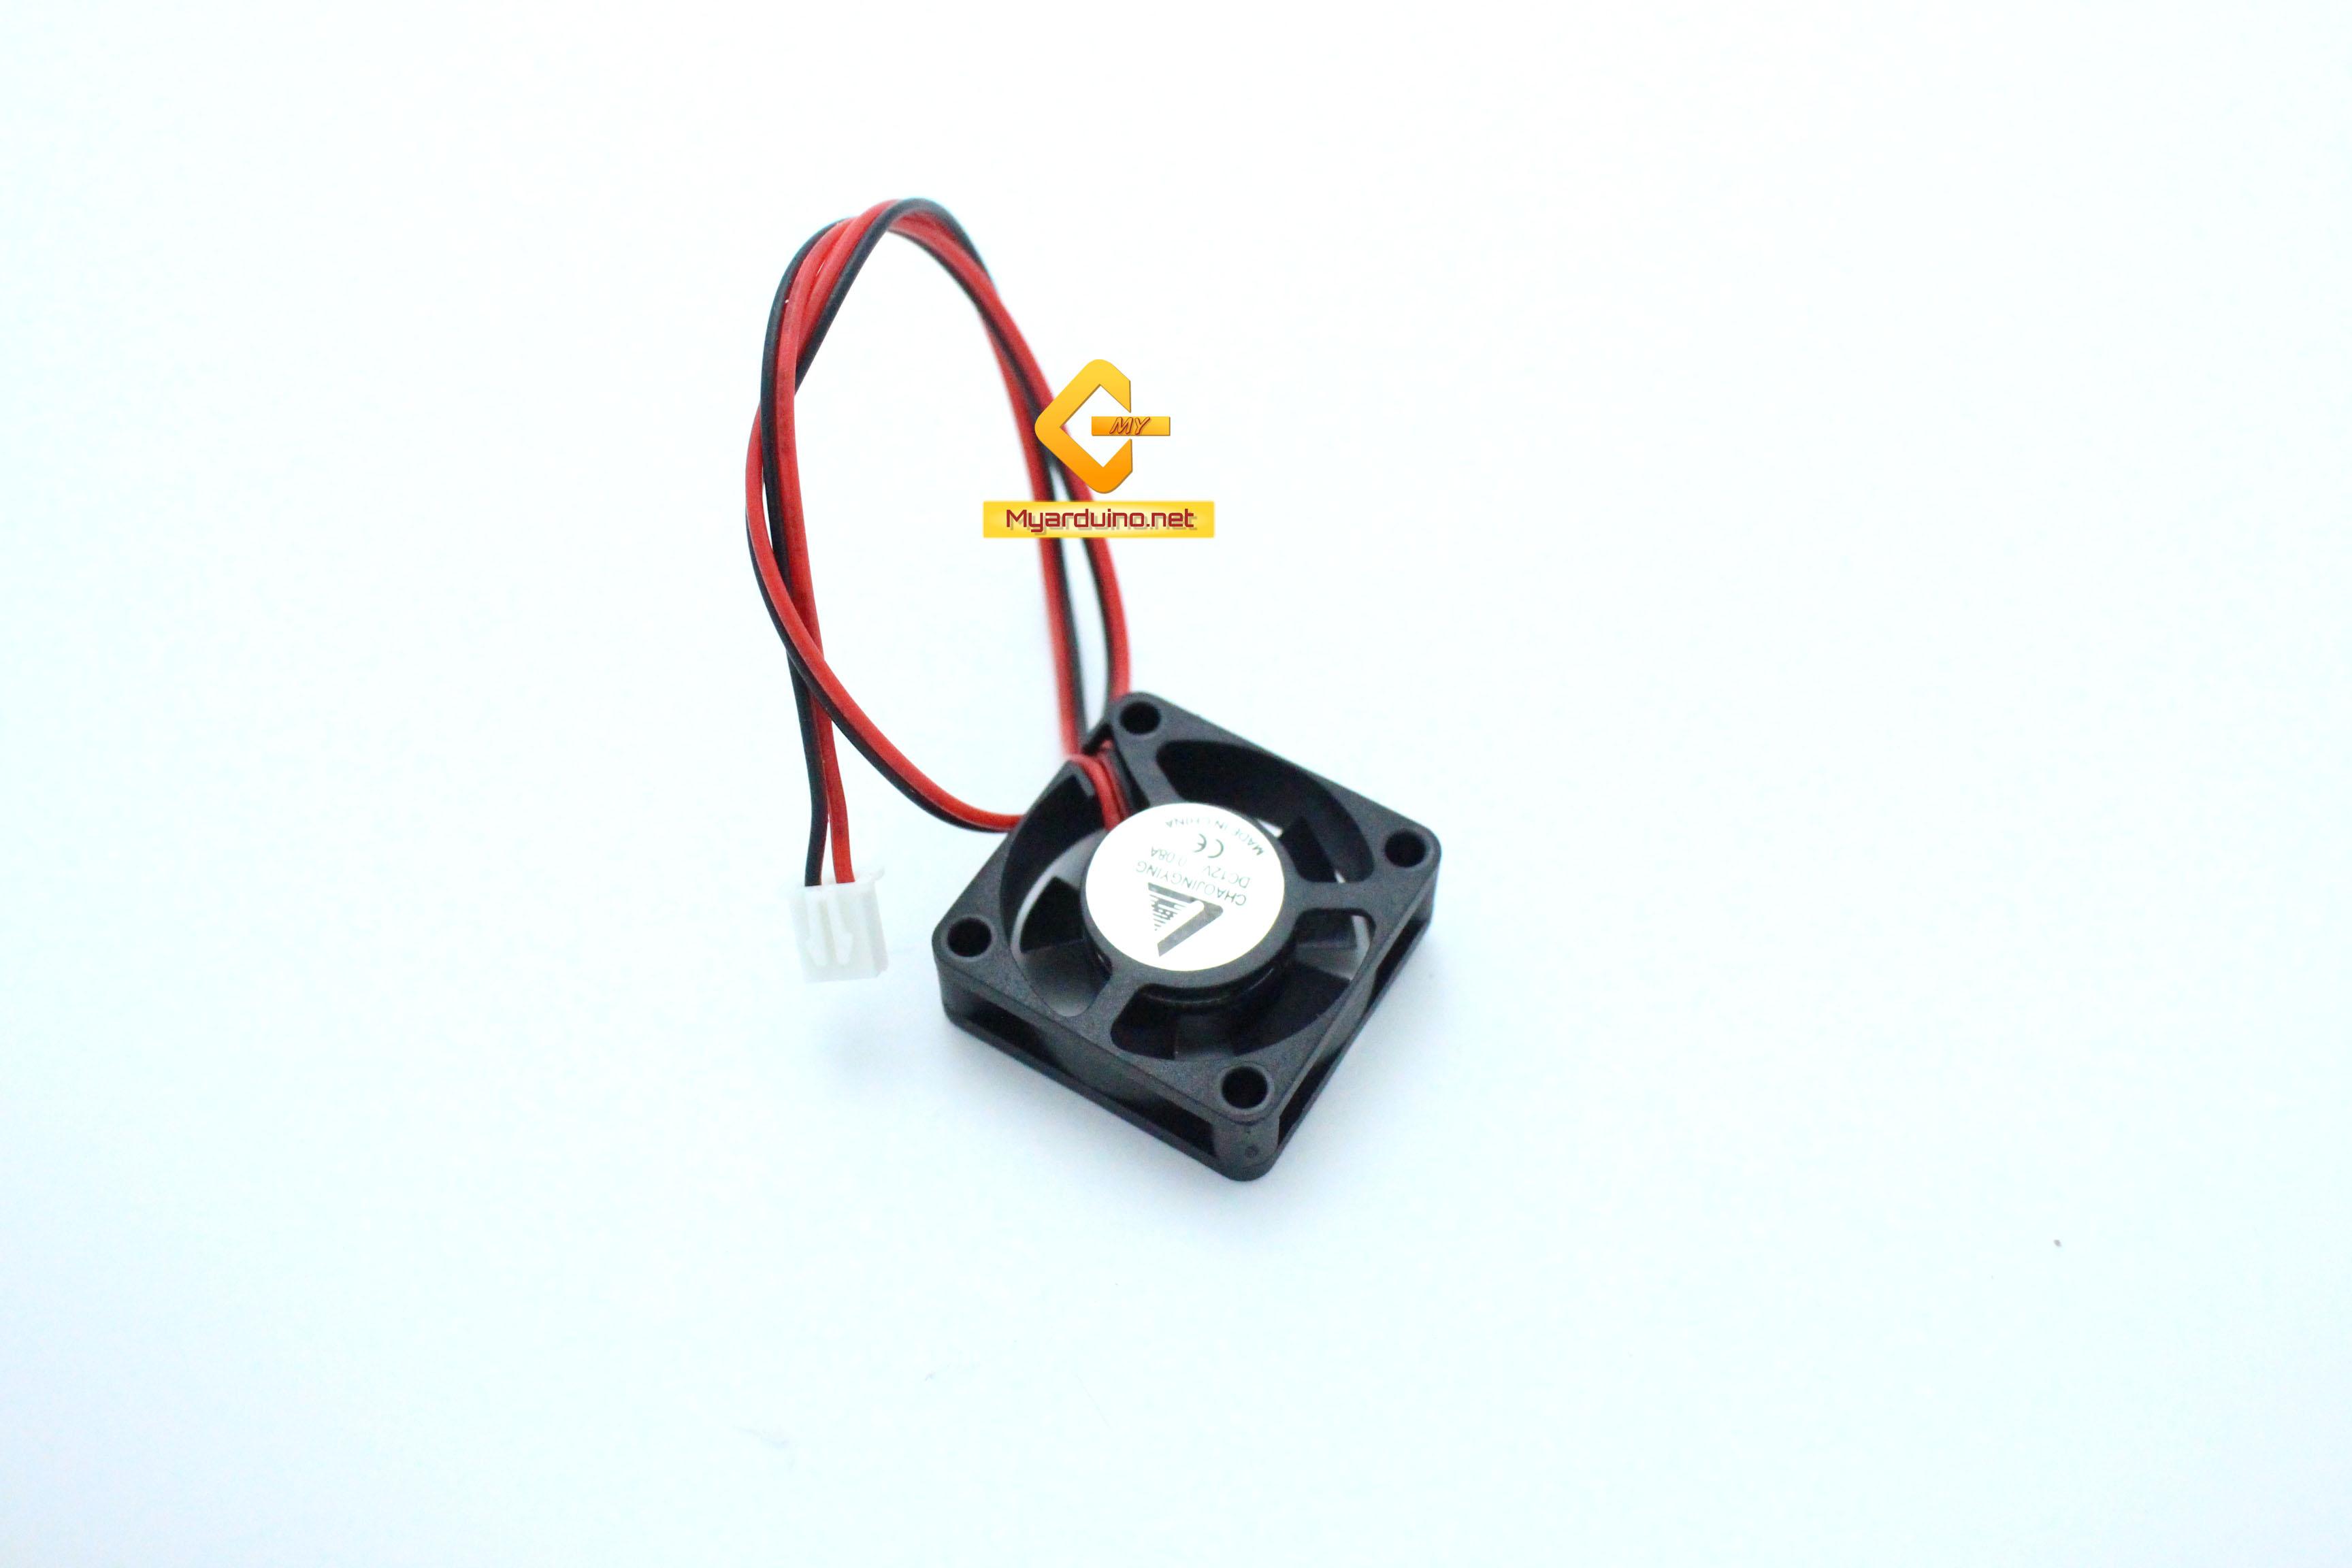 พัดลมระบายความร้อน 2สาย 3cm*3cm 5V